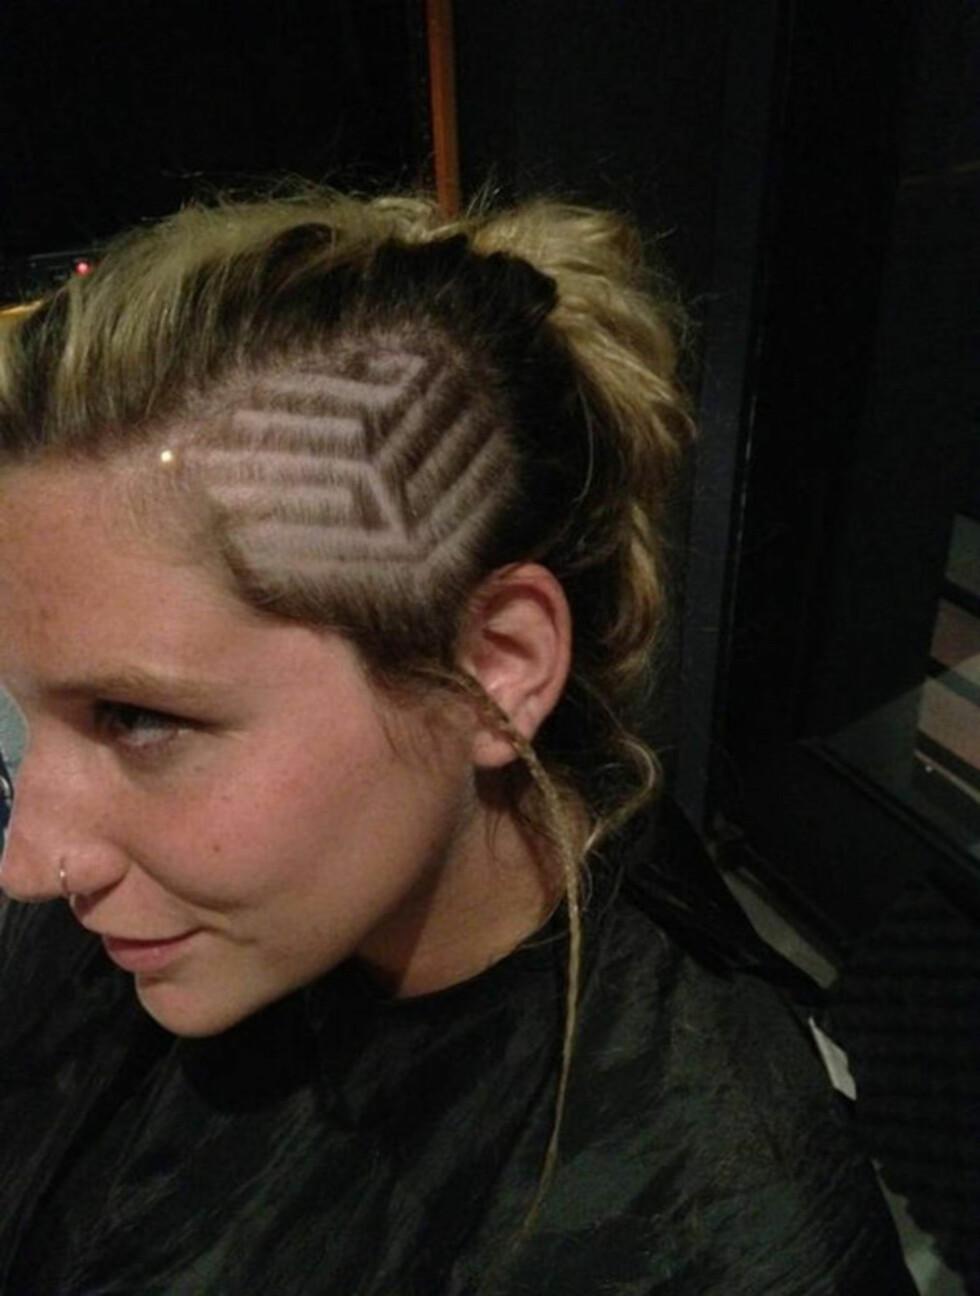 NY SVEIS: Artisten Ke$ha la ut bilde av sin nye frisyre etter en tur til frisøren med tittelen «Sprø frisyre!» Foto: Stella Pictures